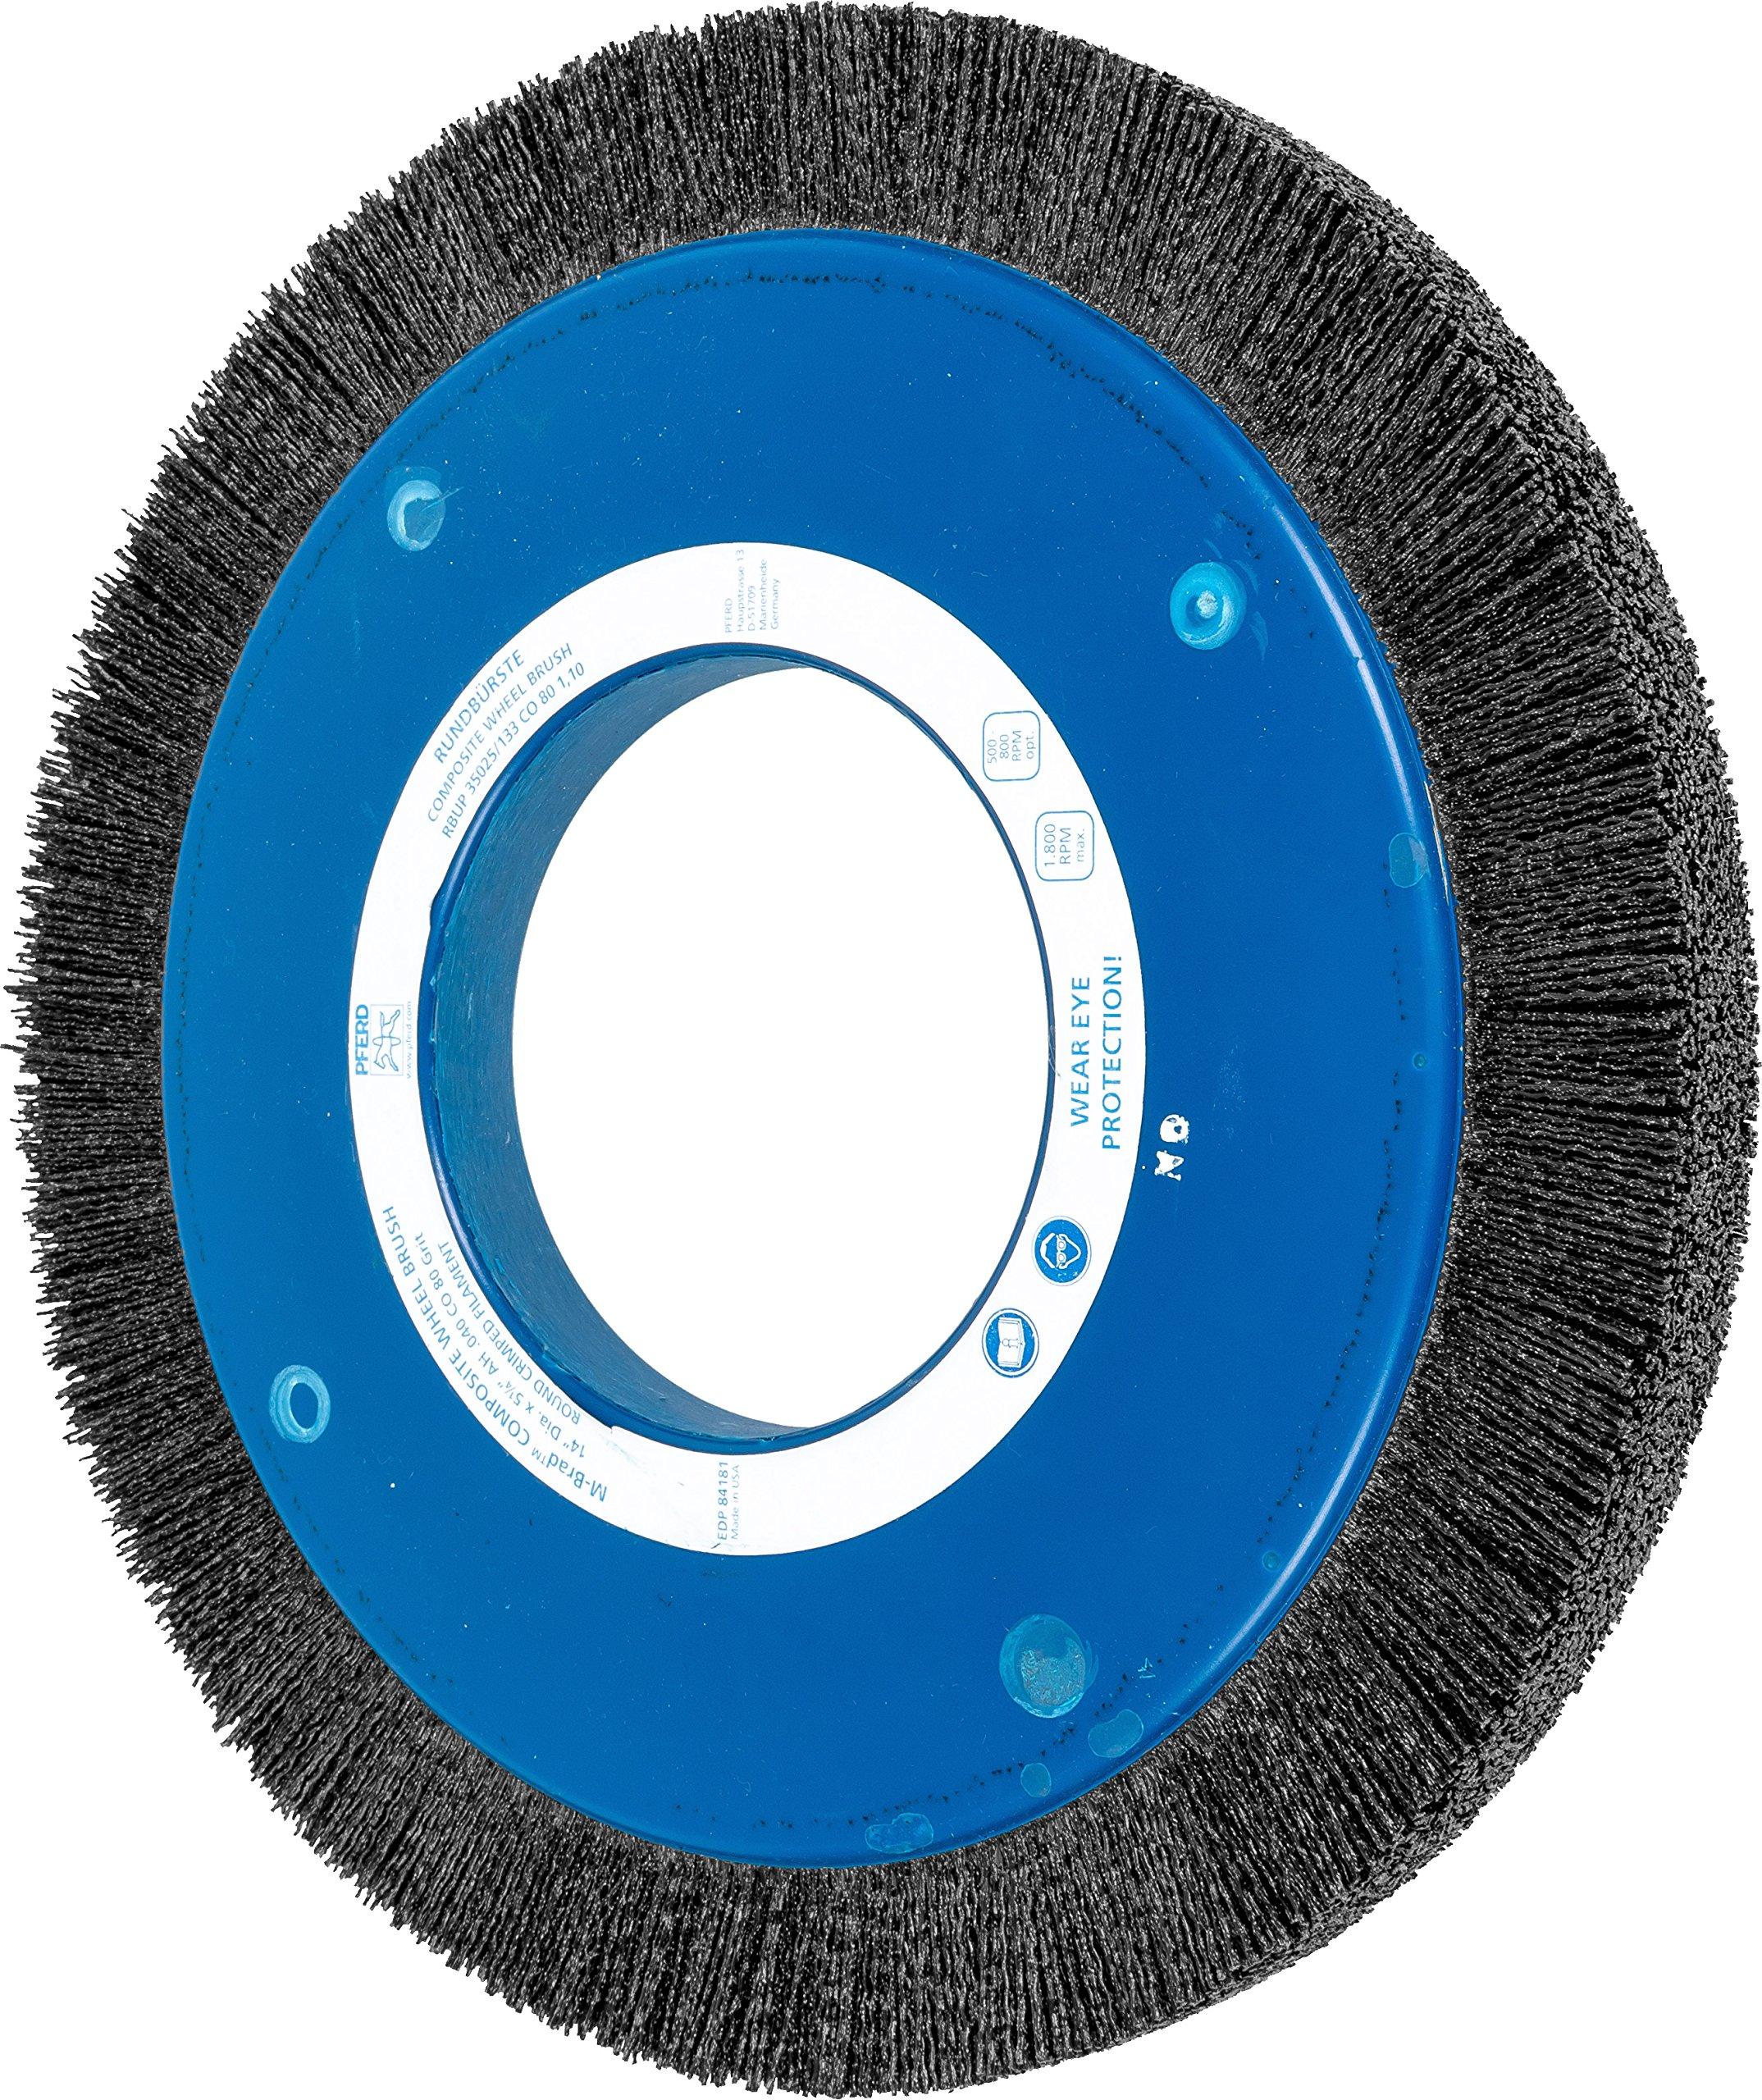 PFERD 84181 Composite Wheel Brush, Ceramic Oxide Grain, 14'' Diameter, 5-1/4'' Arbor Hole, 1-1/2'' Trim Length, 1800 rpm, 80 Grit